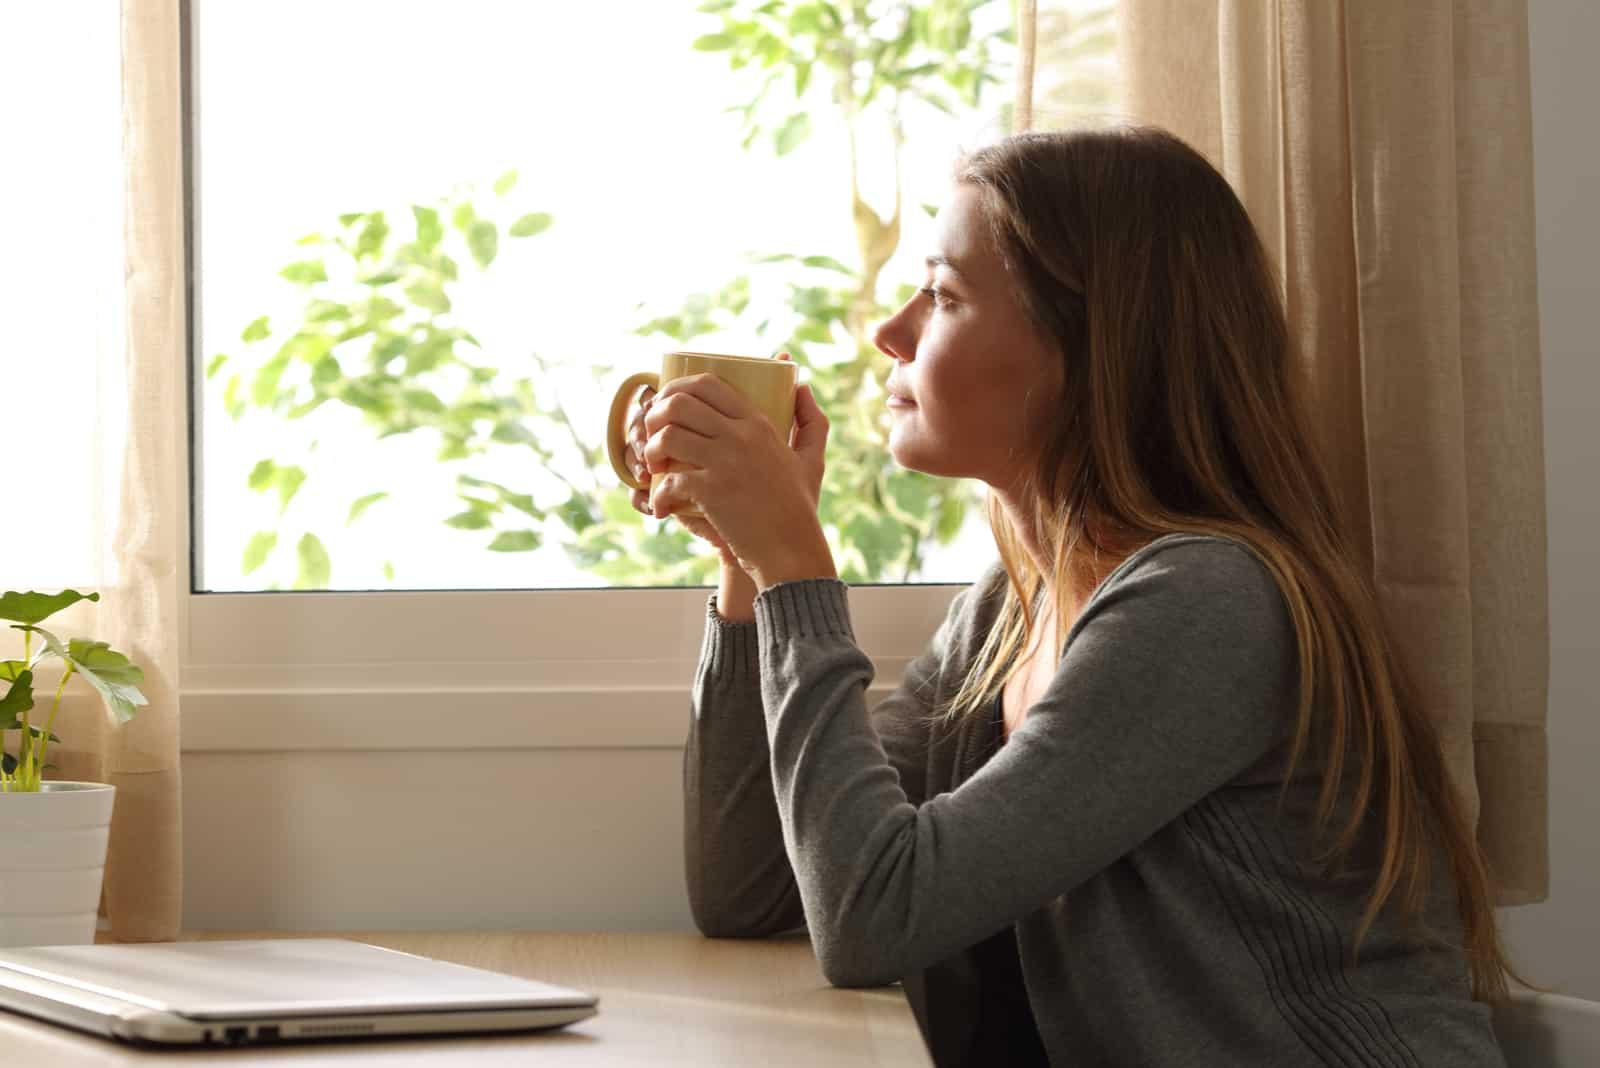 la femme est assise à la table et boit du café